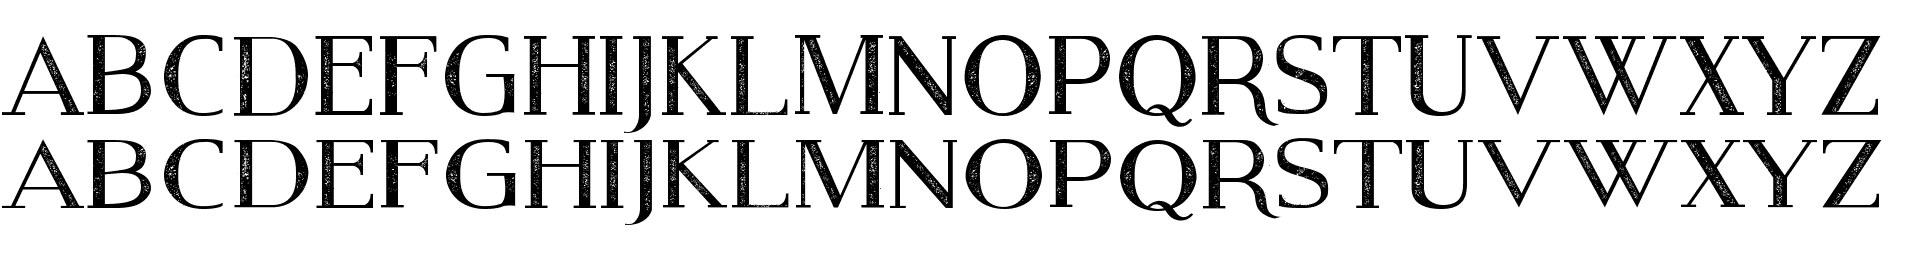 Modern Serif Eroded